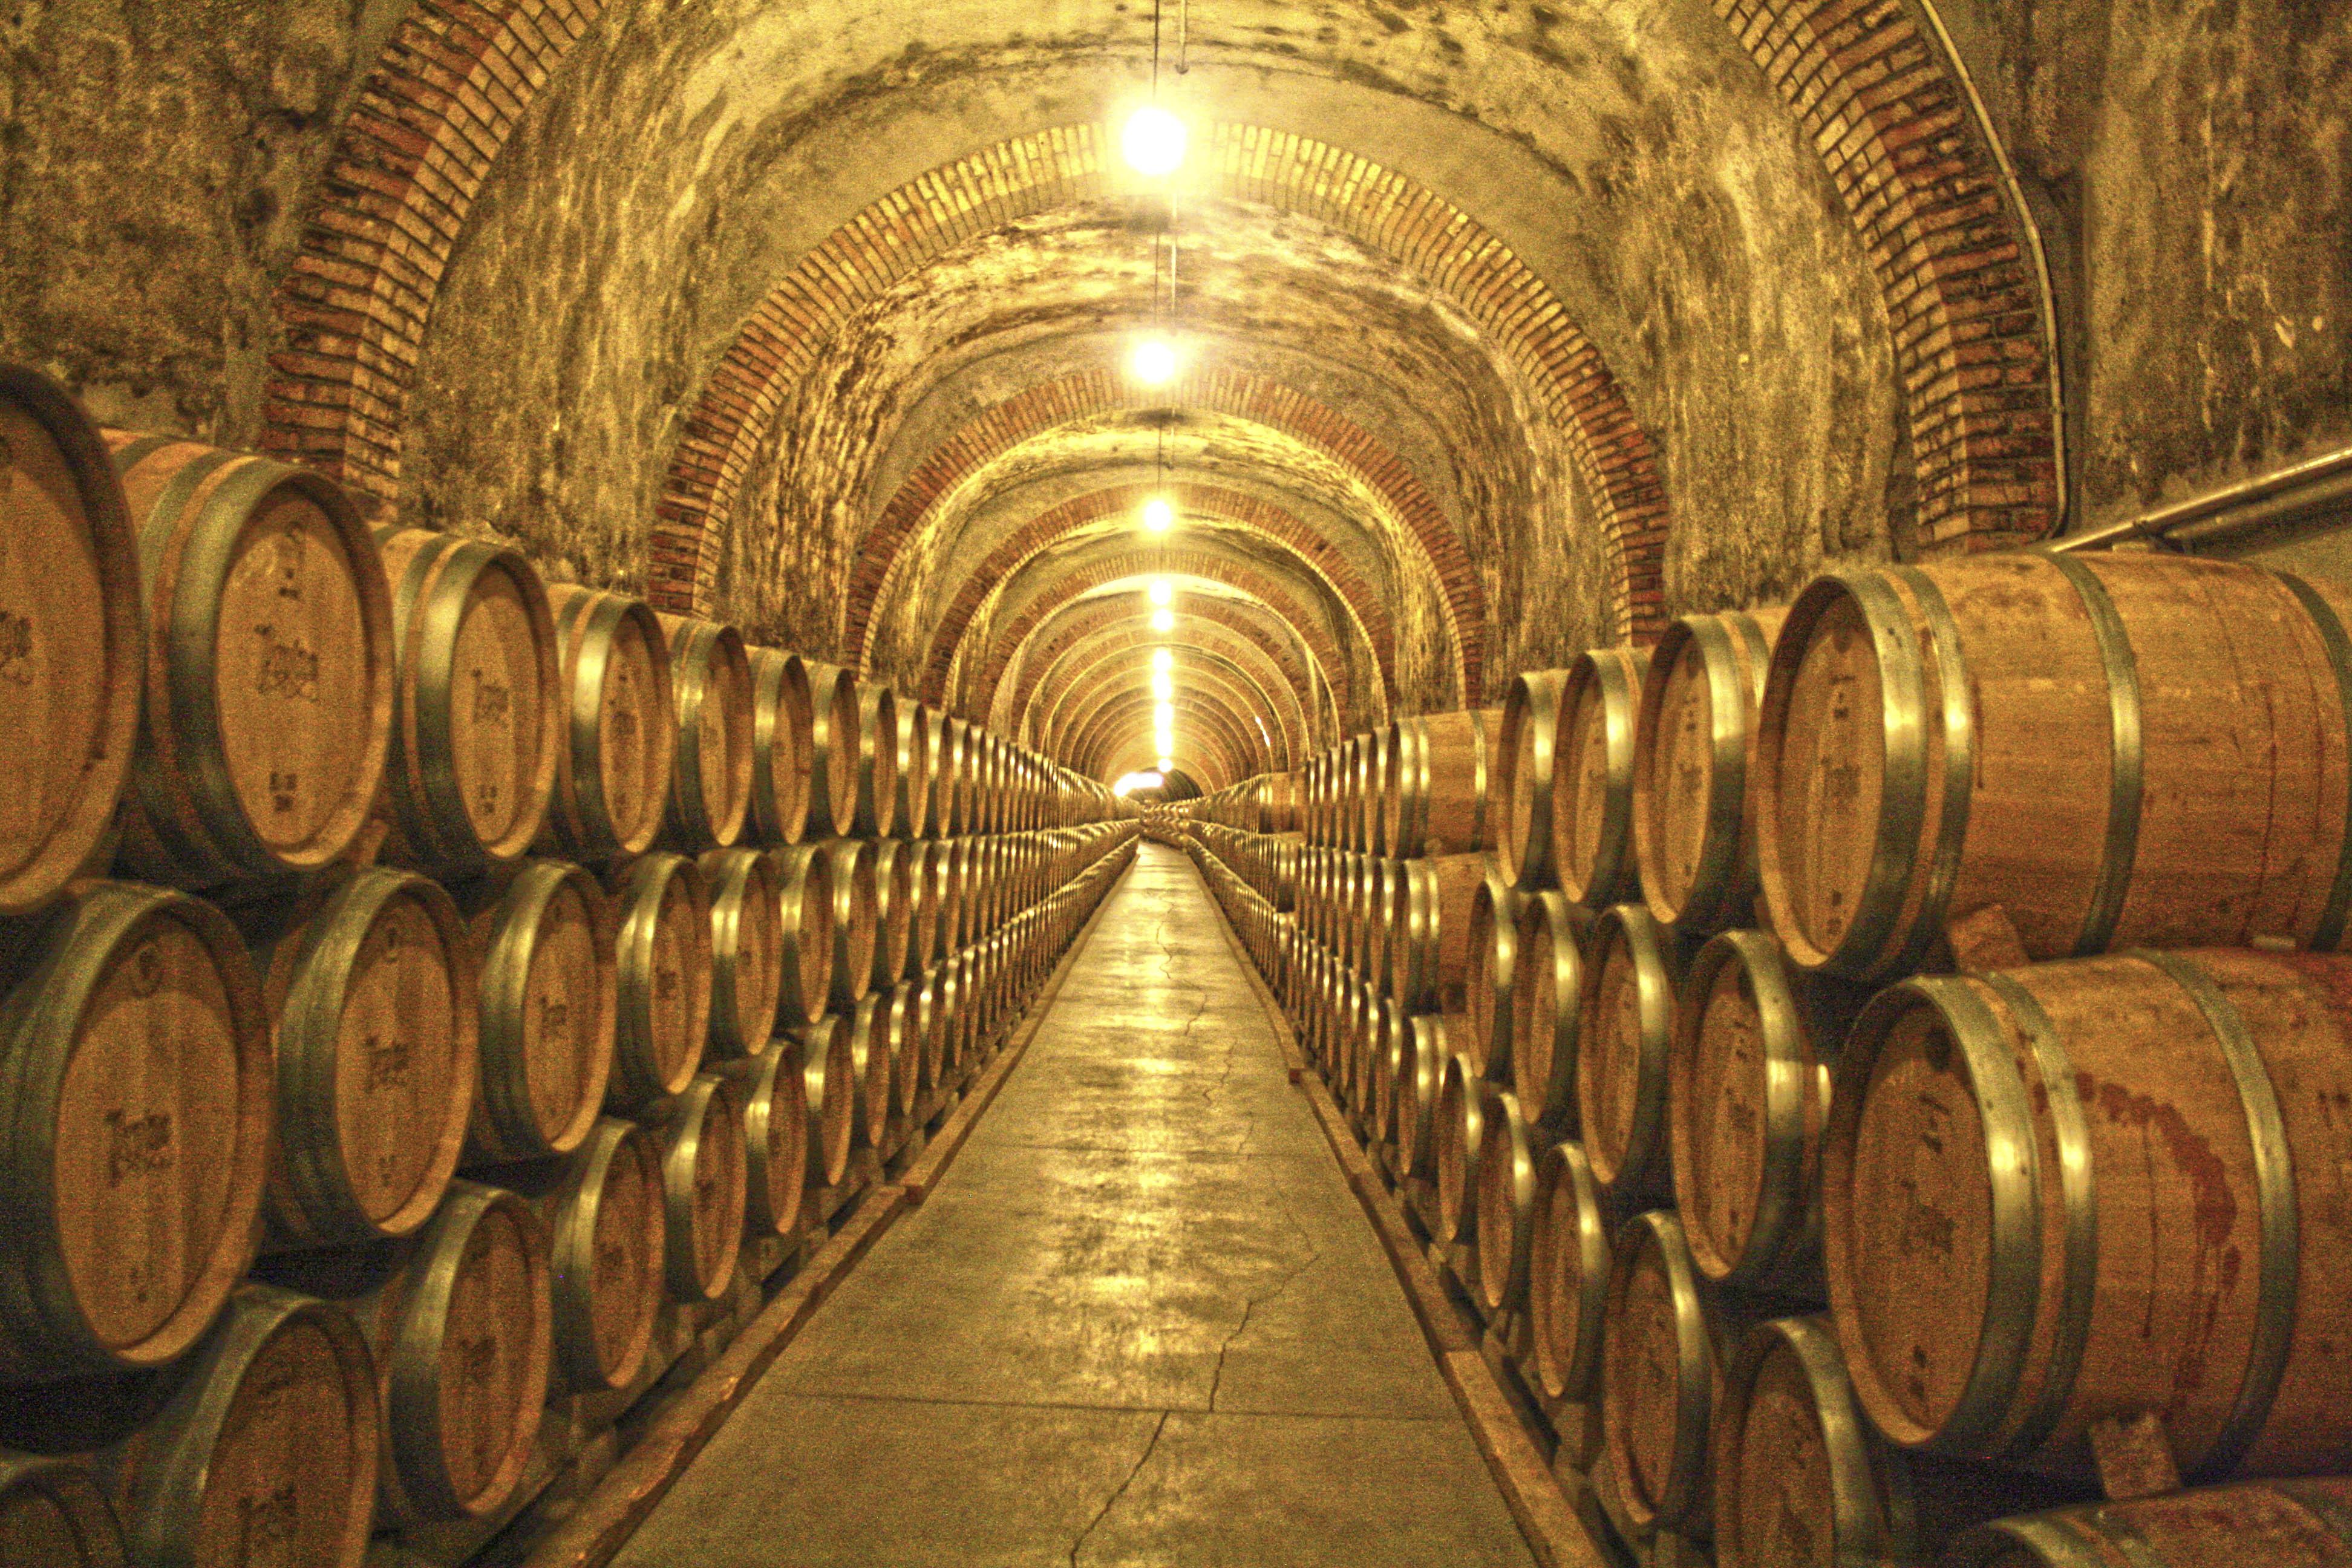 de-wine-bodega-cellar-vino-ribera-duero-protos-simetria-cubas-pe-afiel-976575.jpg